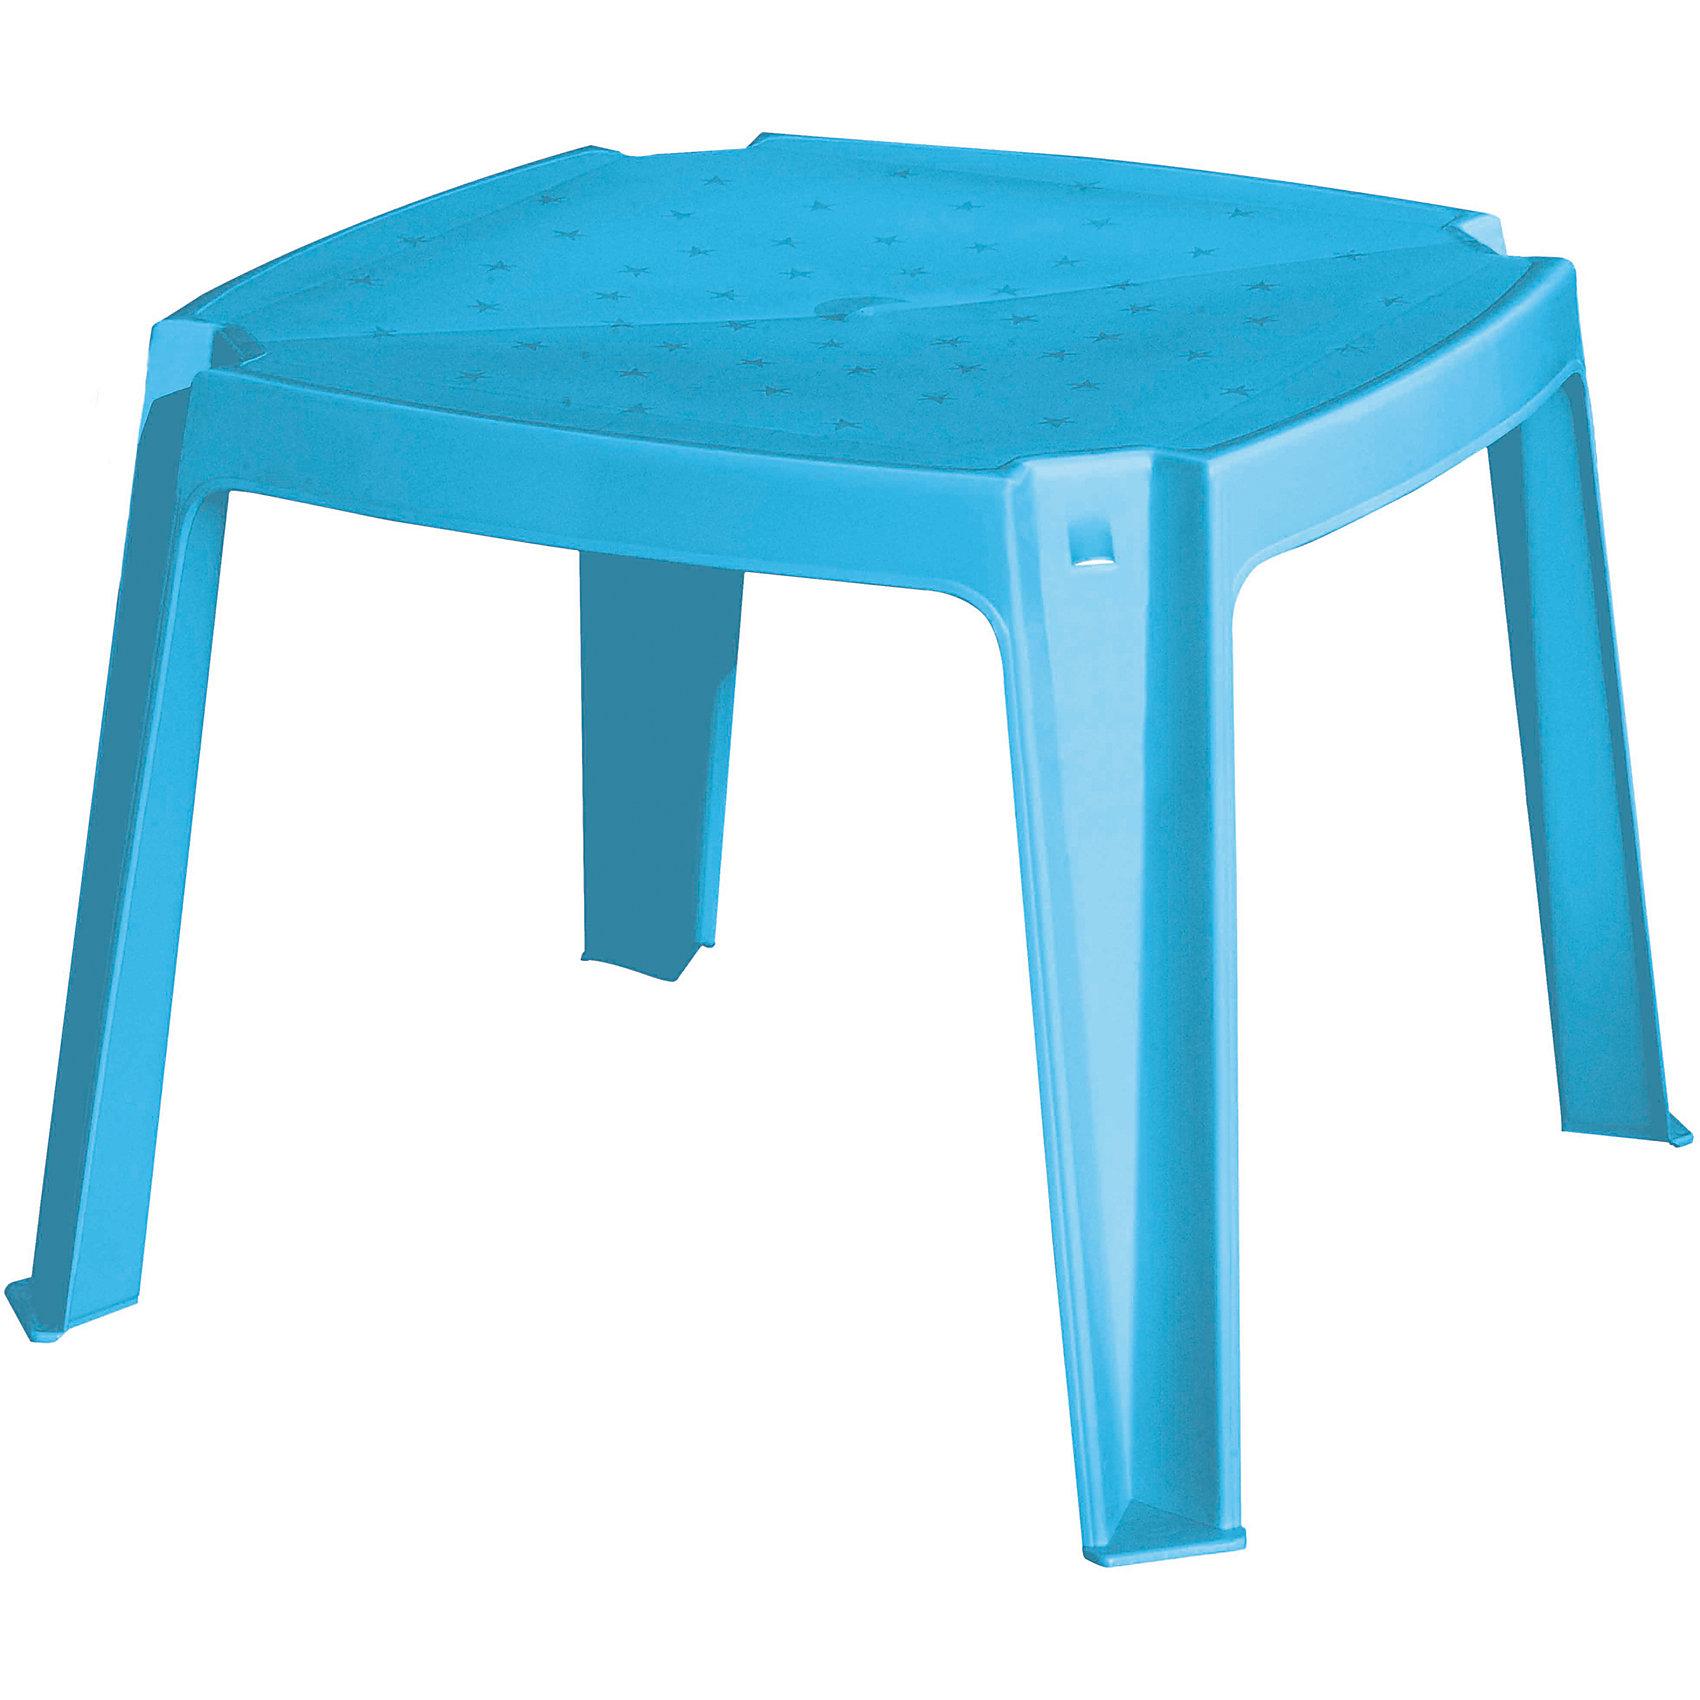 Стол без карманов, Marian PlastСтол без карманов, Marian Plast - удобный детский столик, который замечательно подойдет и для дома и для дачного участка. За ним ребенок может играть или заниматься творчеством. Столик яркой расцветки, выполнен из прочного термостойкого пластика, легко моется обычным средством для мытья посуды и губкой.<br><br>Дополнительная информация:<br><br>- Материал: высокопрочный пластик.<br>- Размер: 53 x 53 x 42,5 см.<br>- Вес: 3,7 кг.<br><br>Стол без карманов, Marian Plast (Мариан Пласт) можно купить в нашем интернет-магазине.<br><br>Ширина мм: 53<br>Глубина мм: 53<br>Высота мм: 43<br>Вес г: 1580<br>Возраст от месяцев: 24<br>Возраст до месяцев: 72<br>Пол: Унисекс<br>Возраст: Детский<br>SKU: 4055312